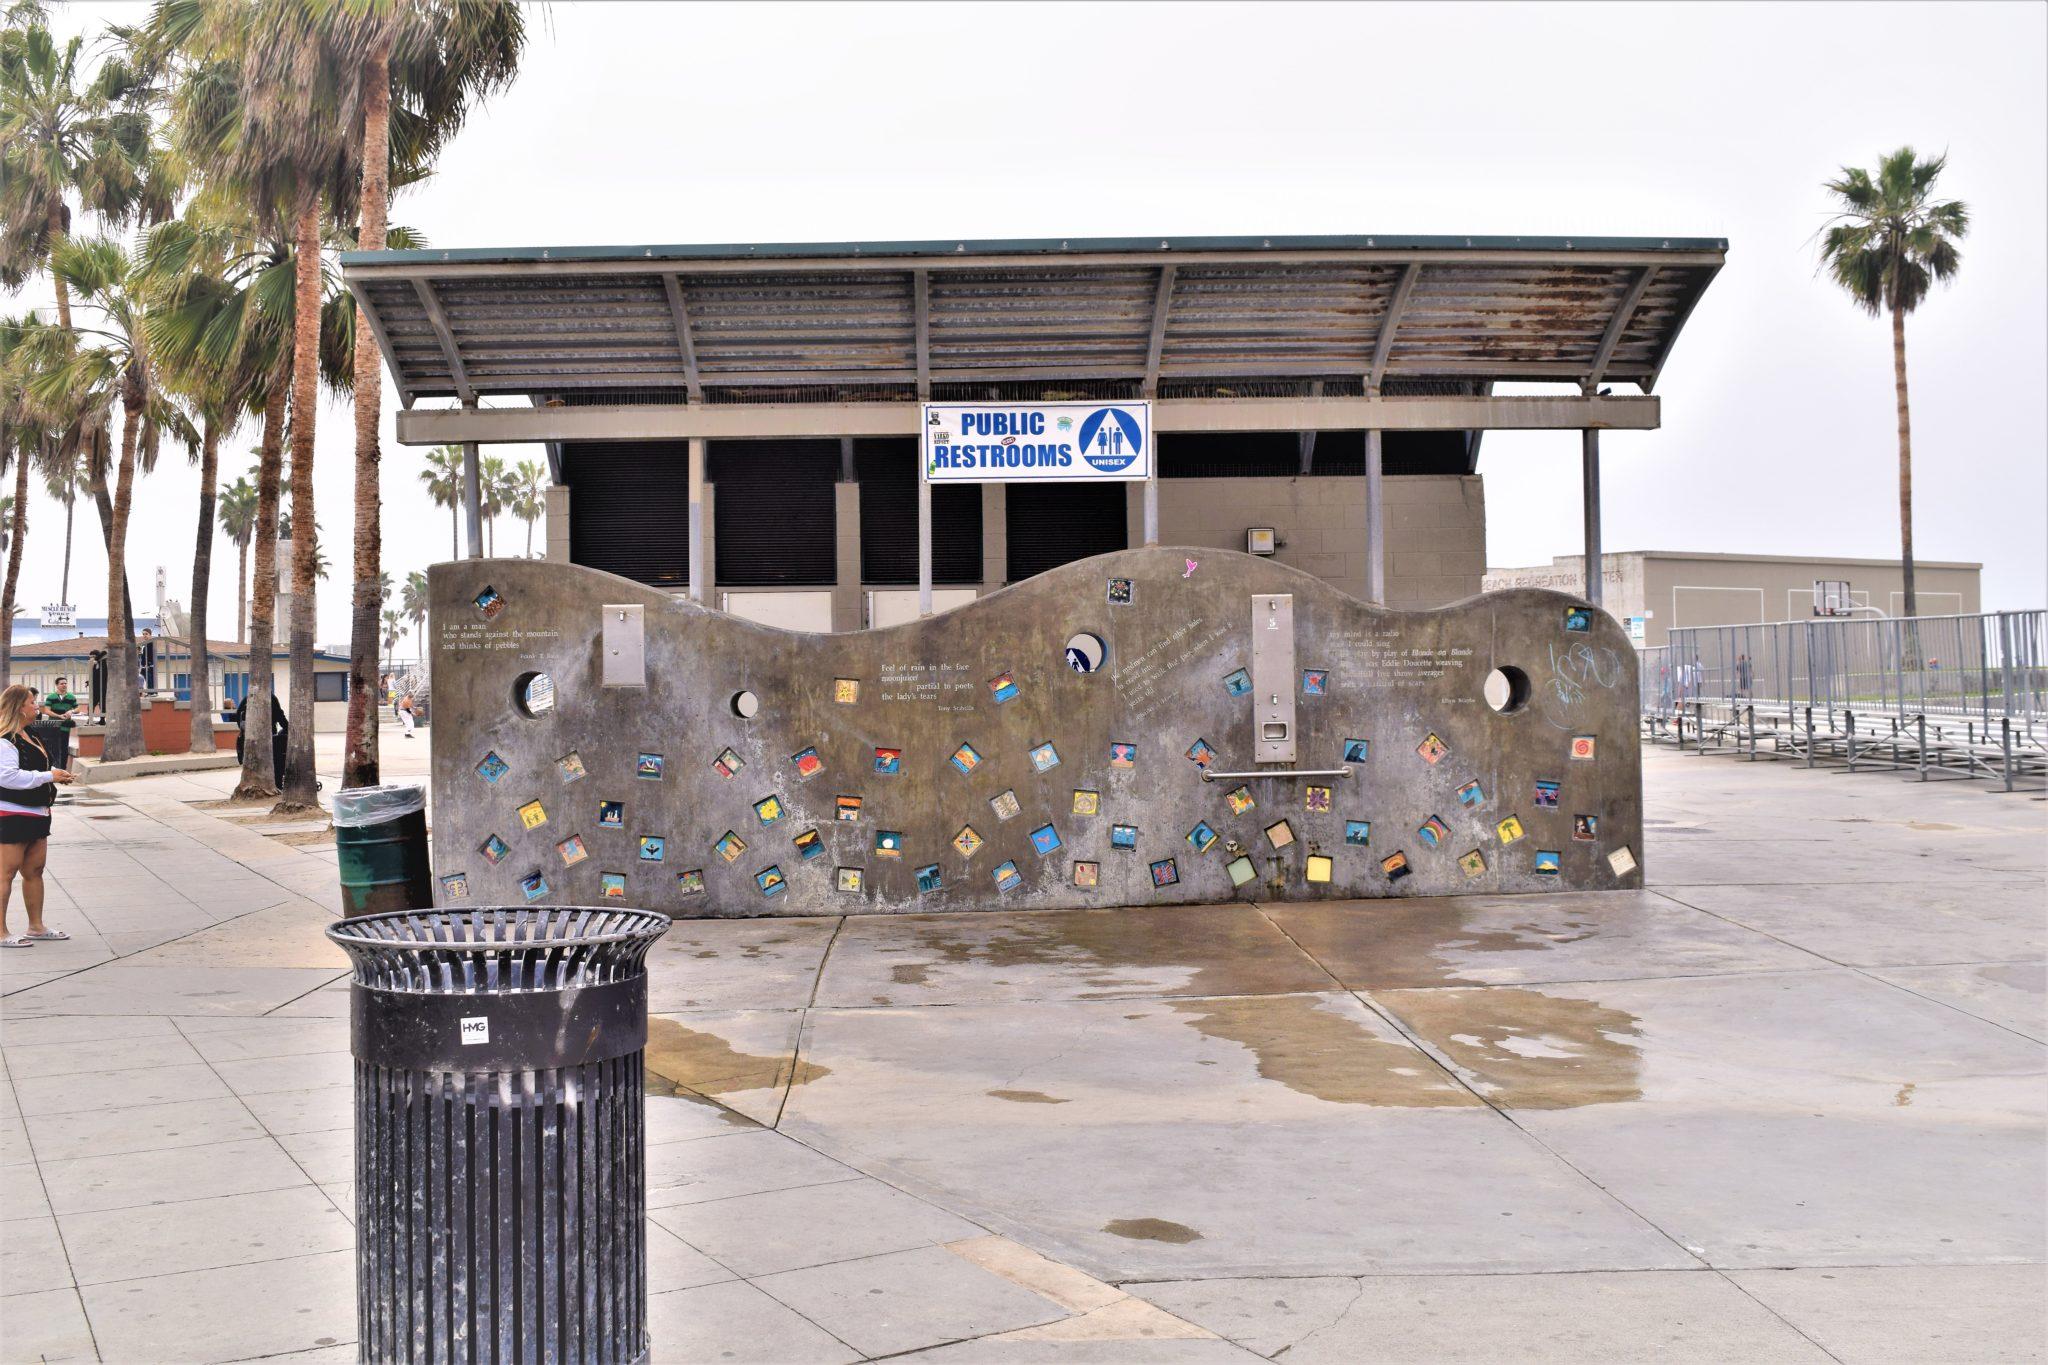 Public restrooms, Venice Beach, Los Angeles, California